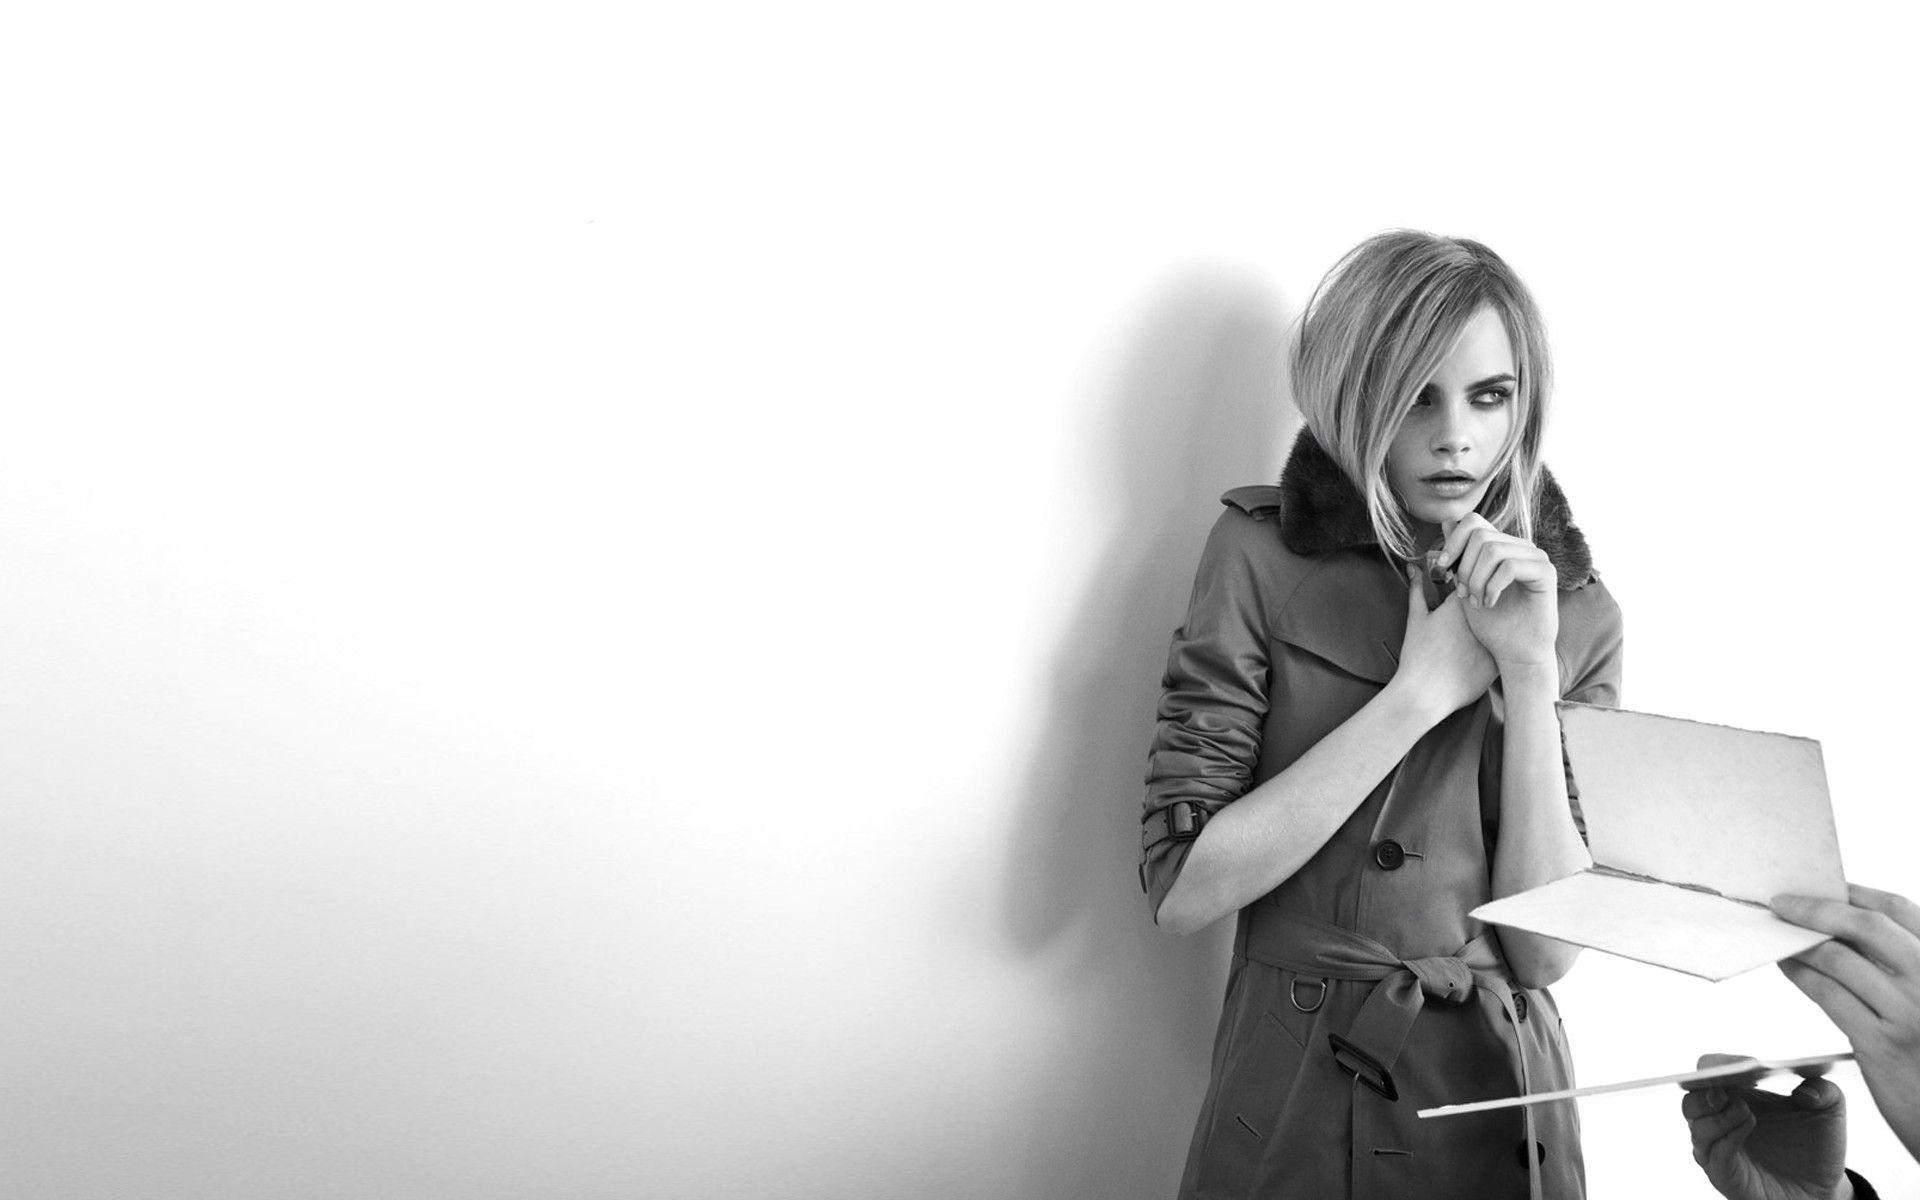 super model cara delevingne wallpaper - photo #17